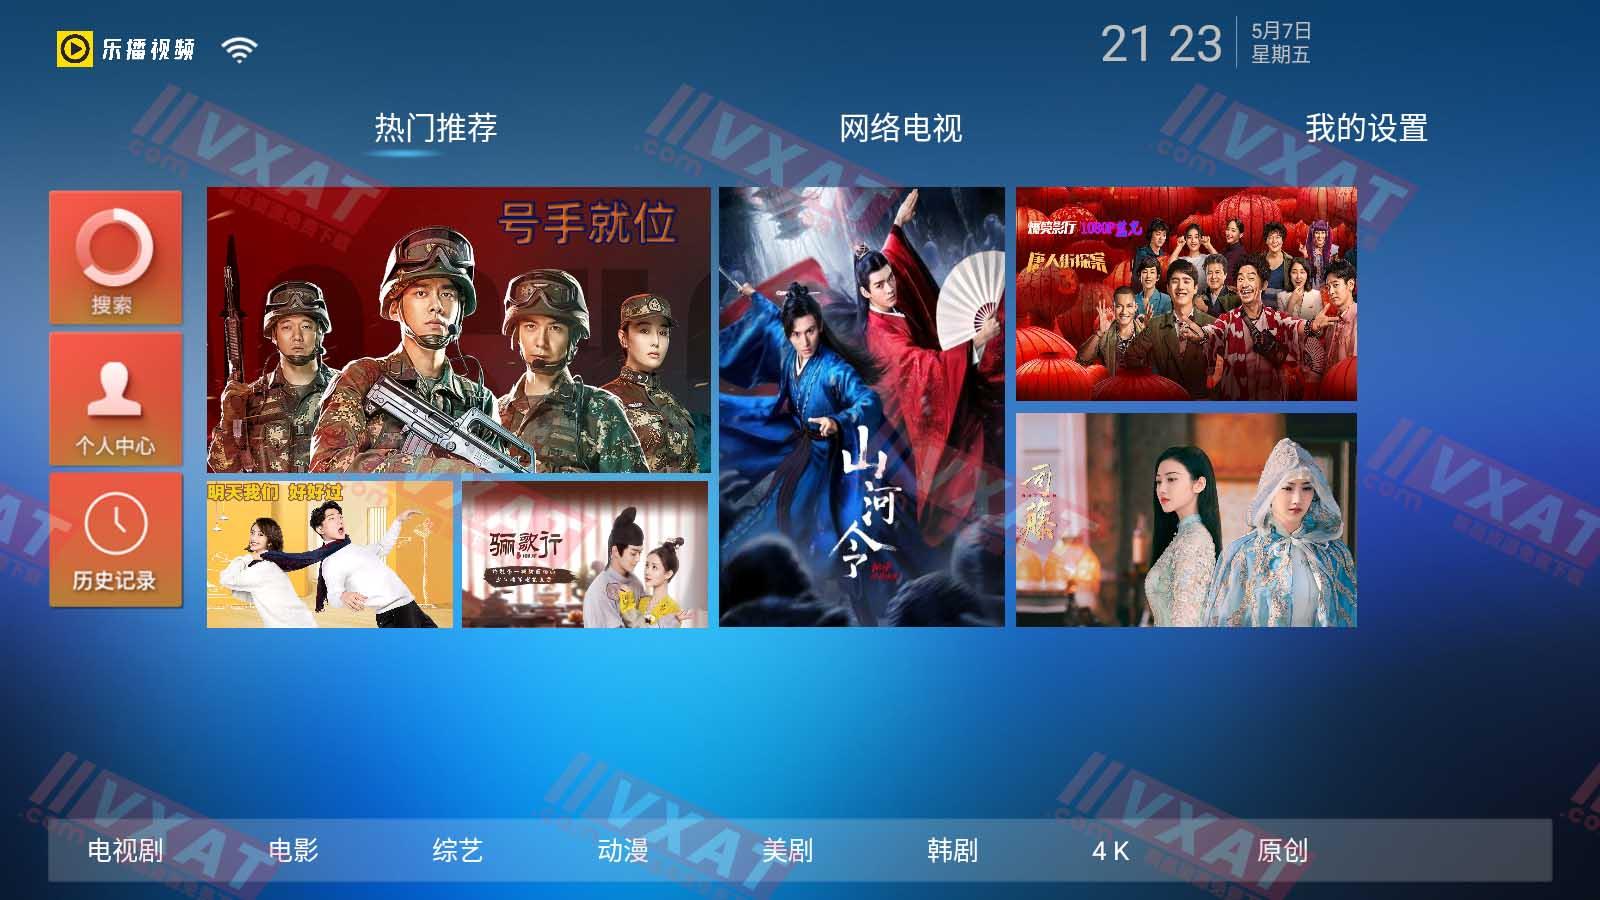 乐播视频 v2.0.0 电视破密码版 第1张